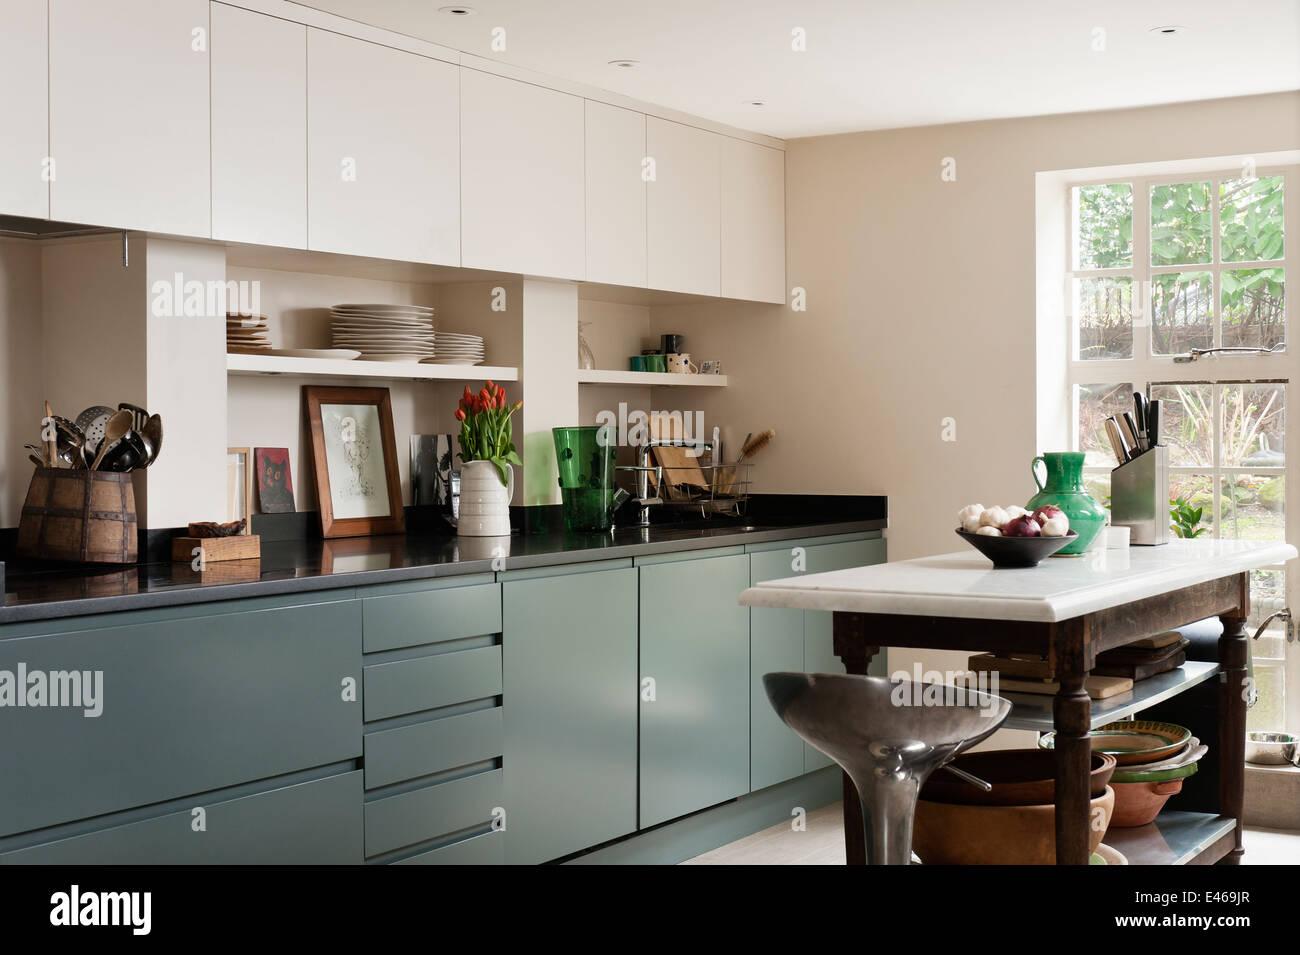 U küchen mit bar  London, Küche mit Insel und Bar Hocker Stockfoto, Bild: 71439391 - Alamy